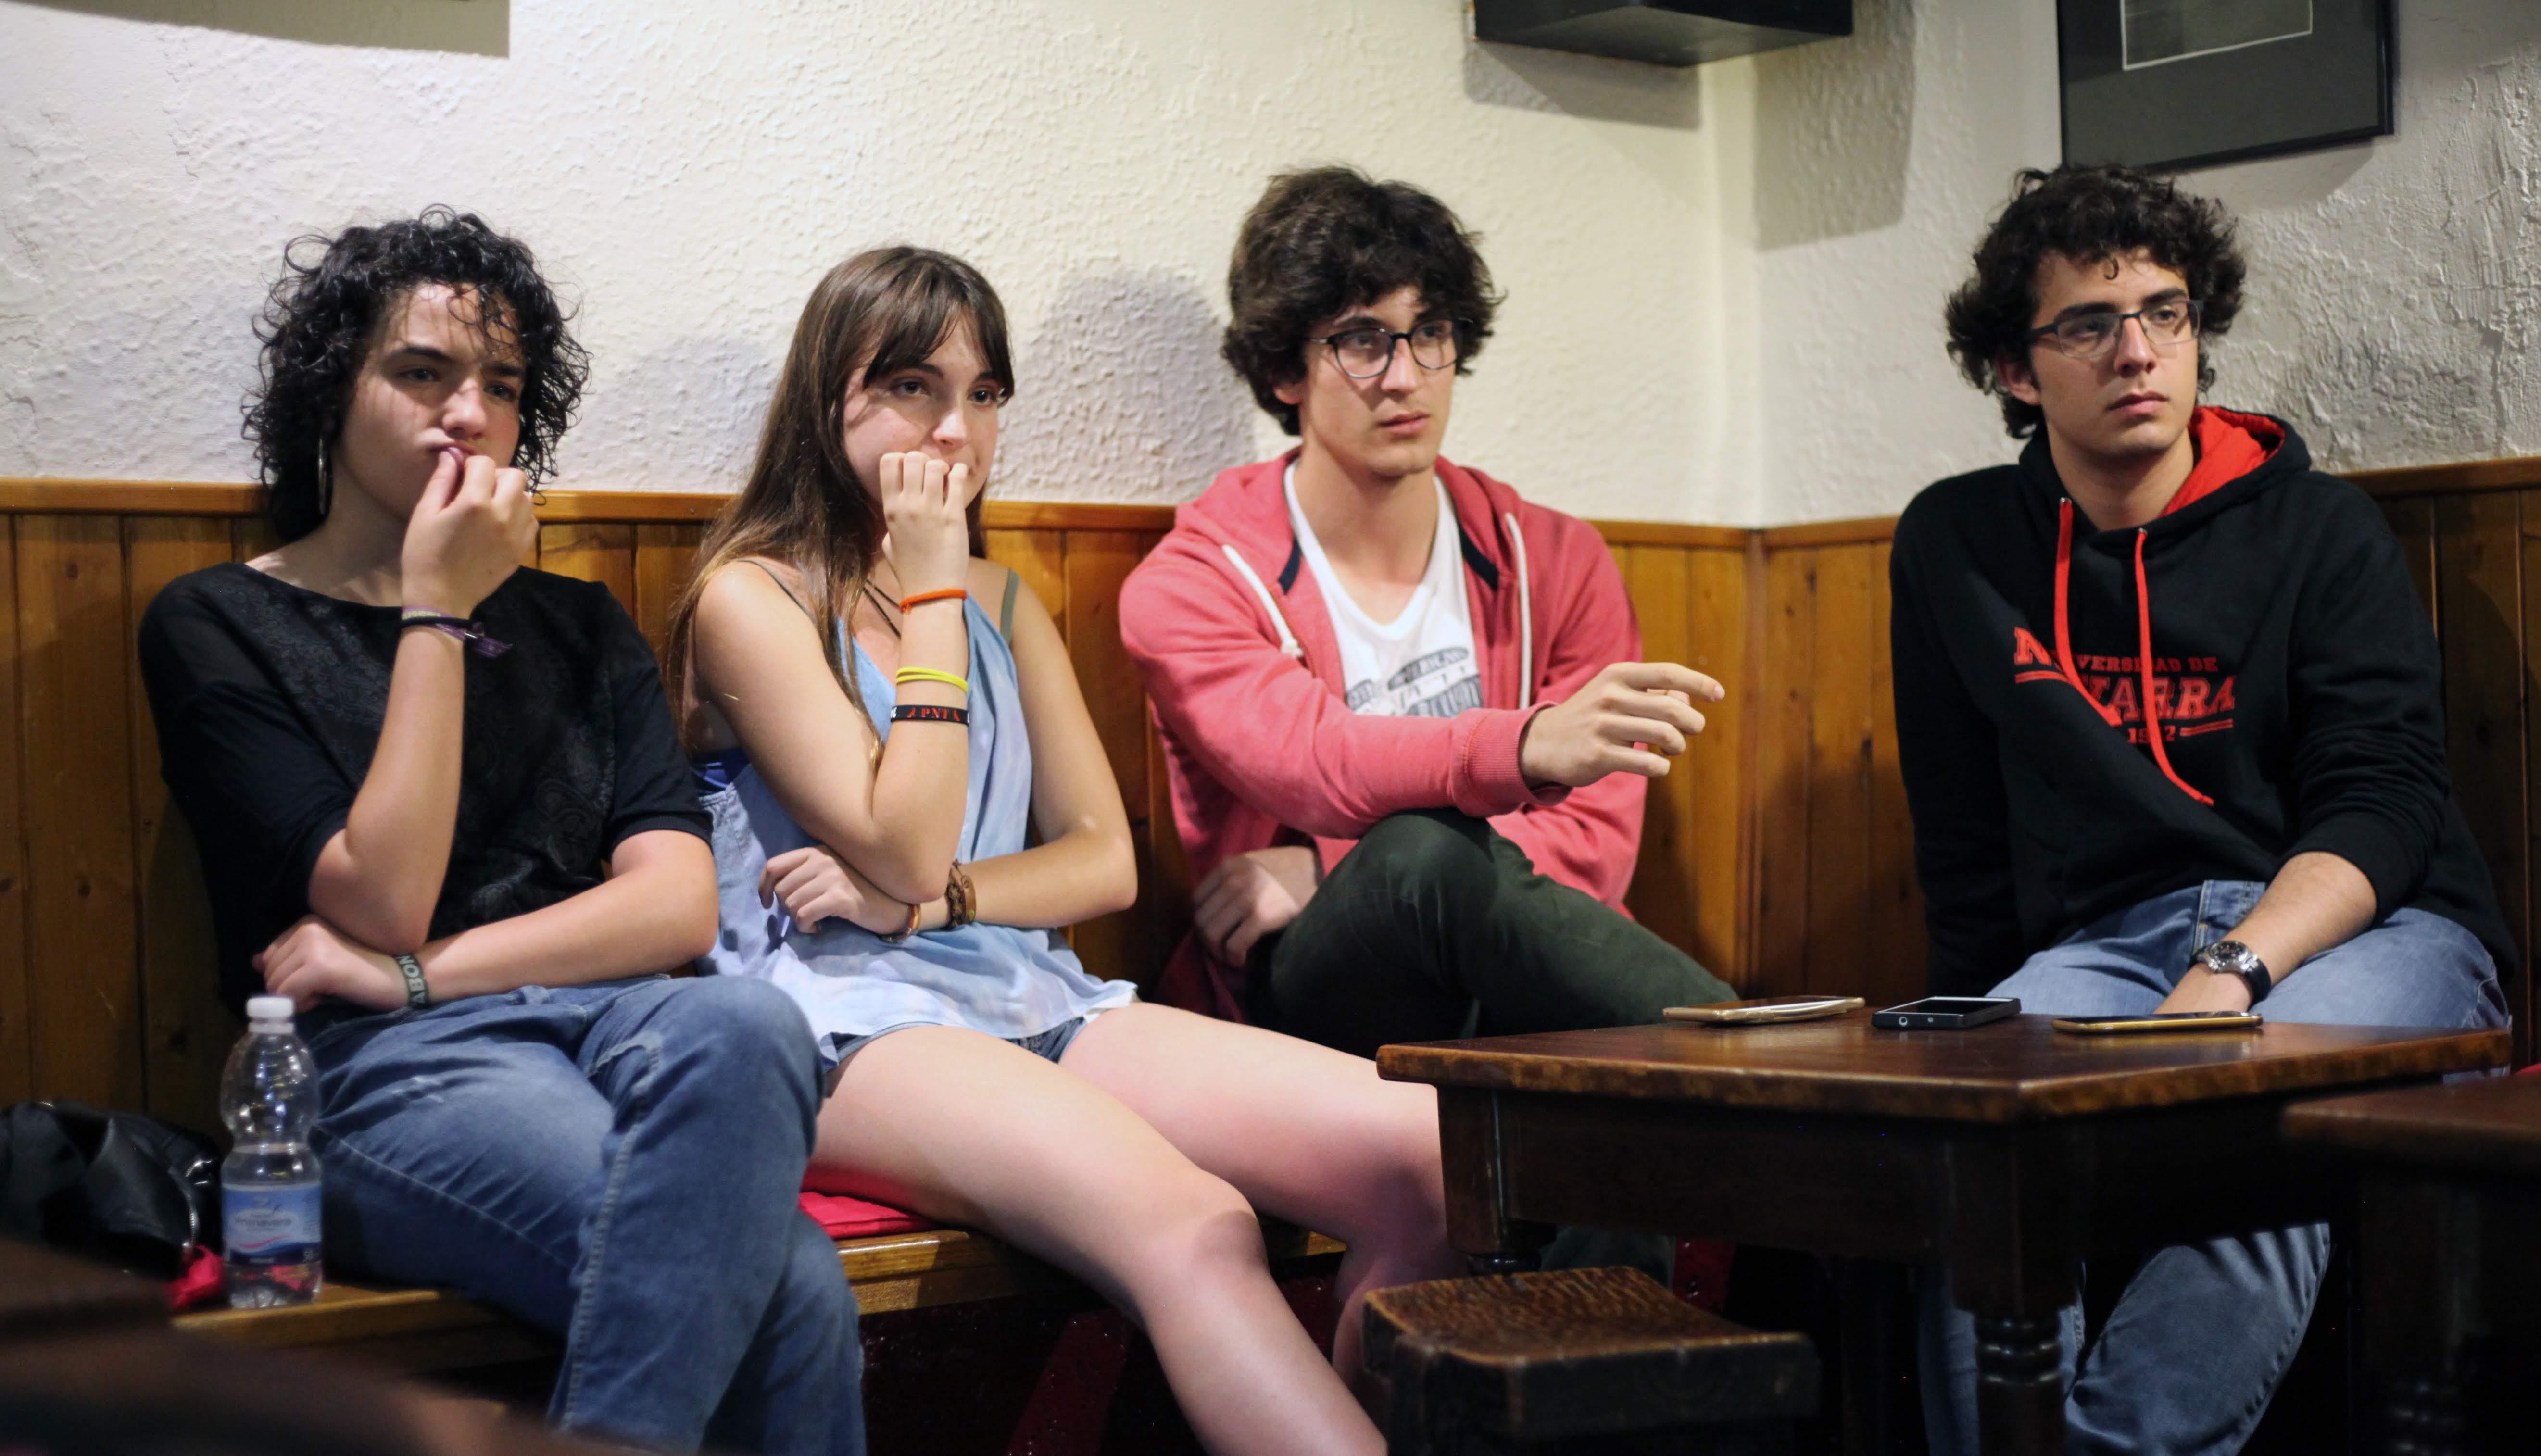 Café Revolter ¿Cuáles son los límites legítimos a la libertad de expresión?, con Ernesto Castro | Gestalguinos, 8 junio 2019, 22 h. #Avivament2019